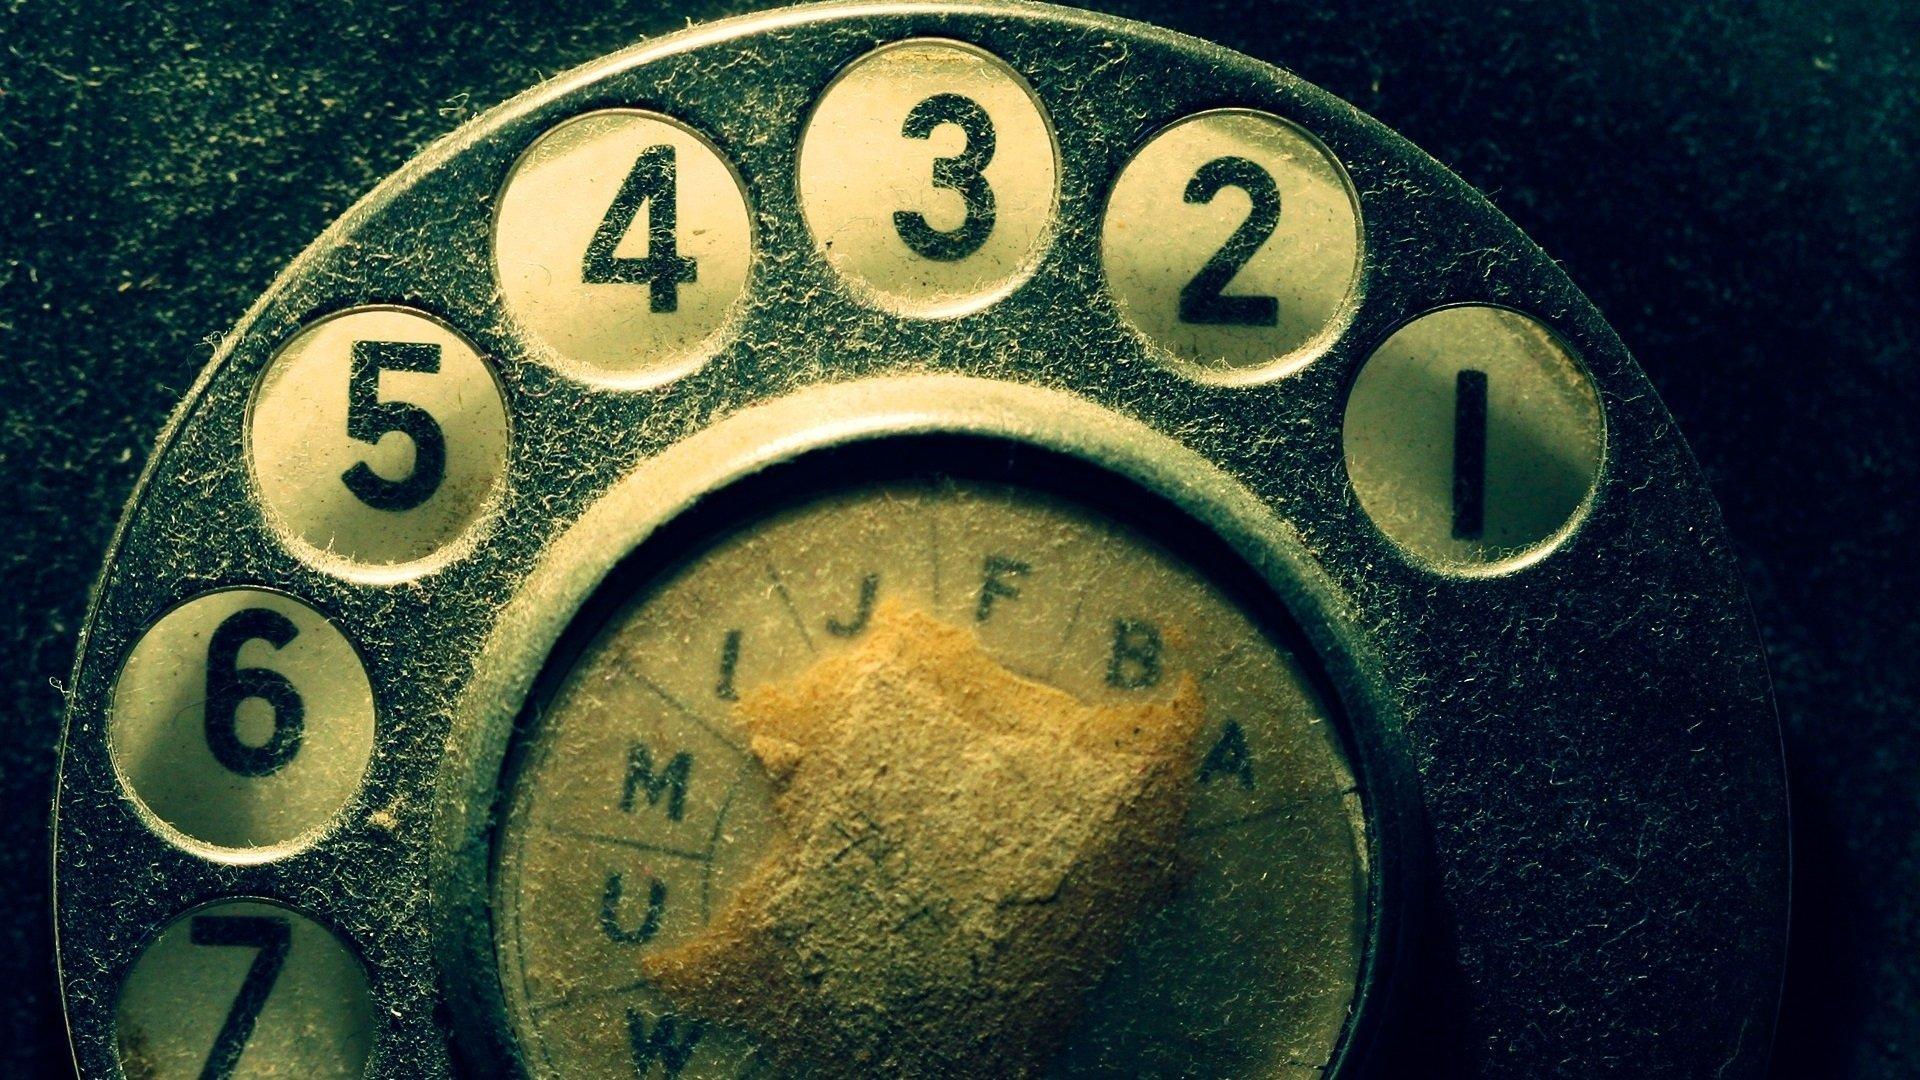 Три шестерки... (история одного телефонного разговора)